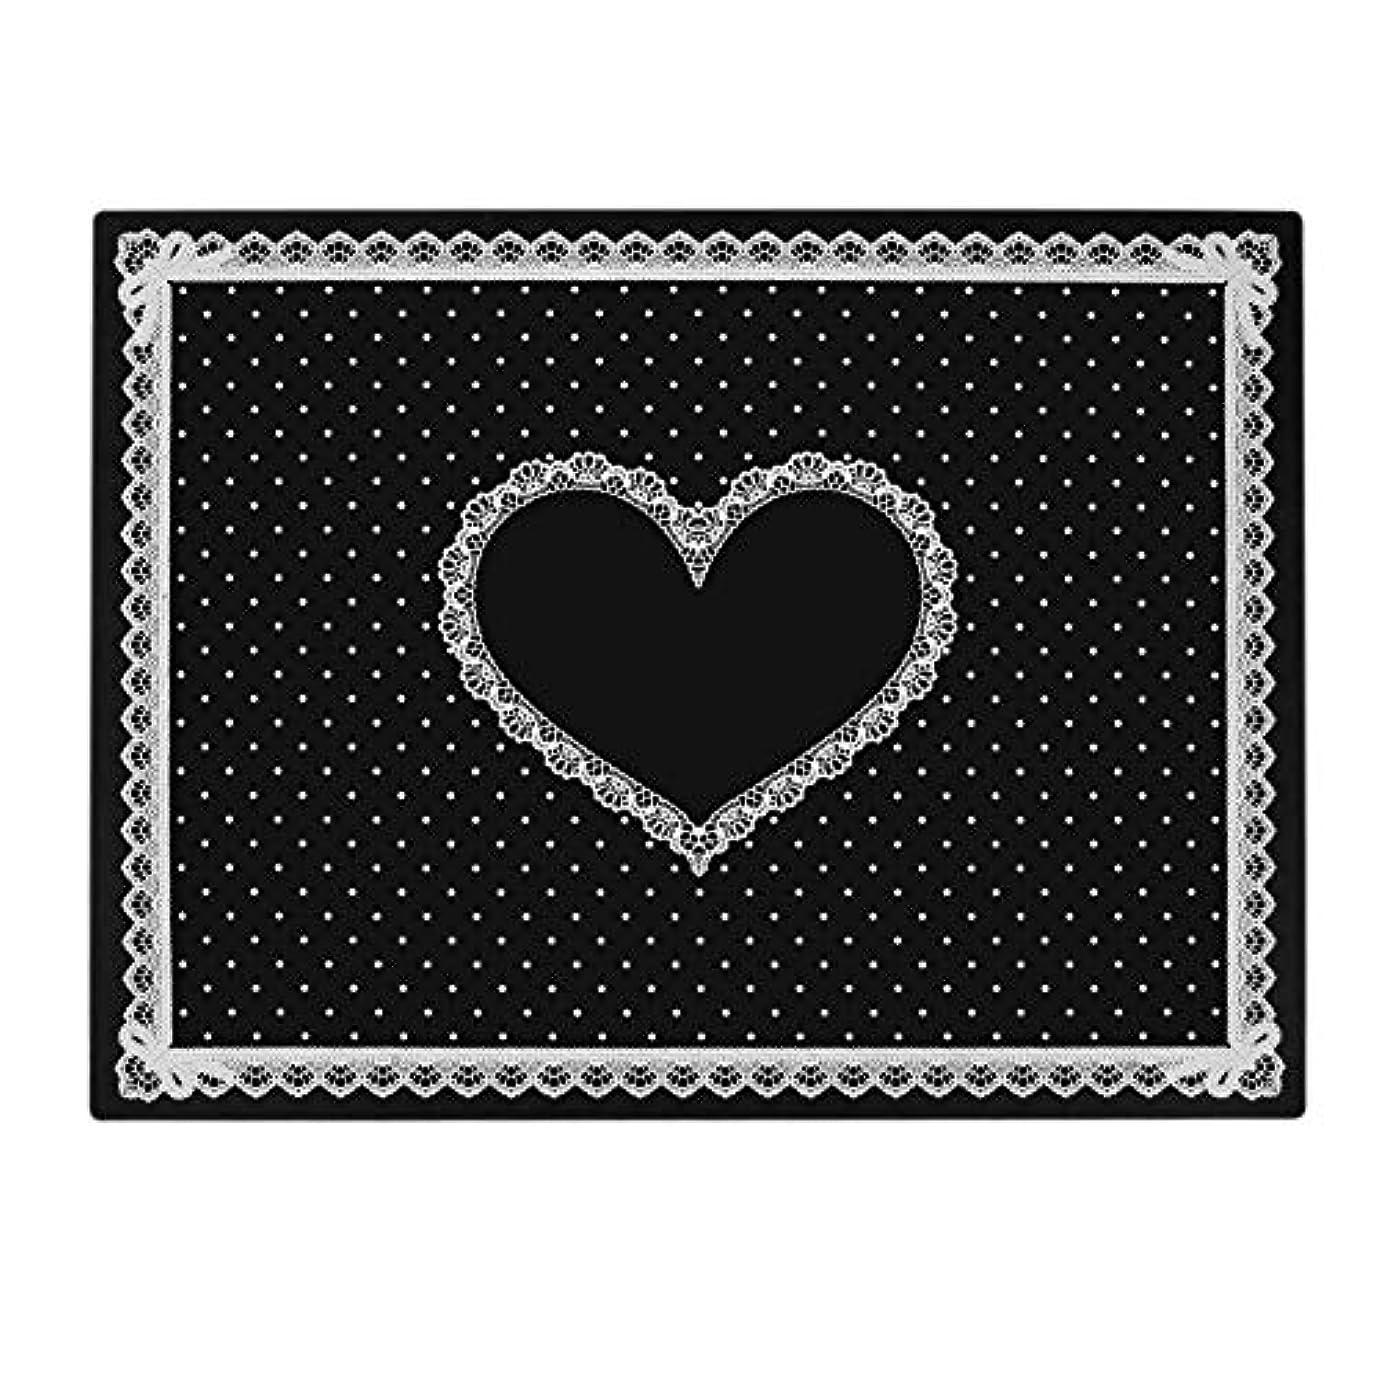 勇敢な樫の木食物5色高品質の快適なシリコンハンドレストクッション枕-ネイルアートテーブルアーム手首パッドマニキュアサロン(14)